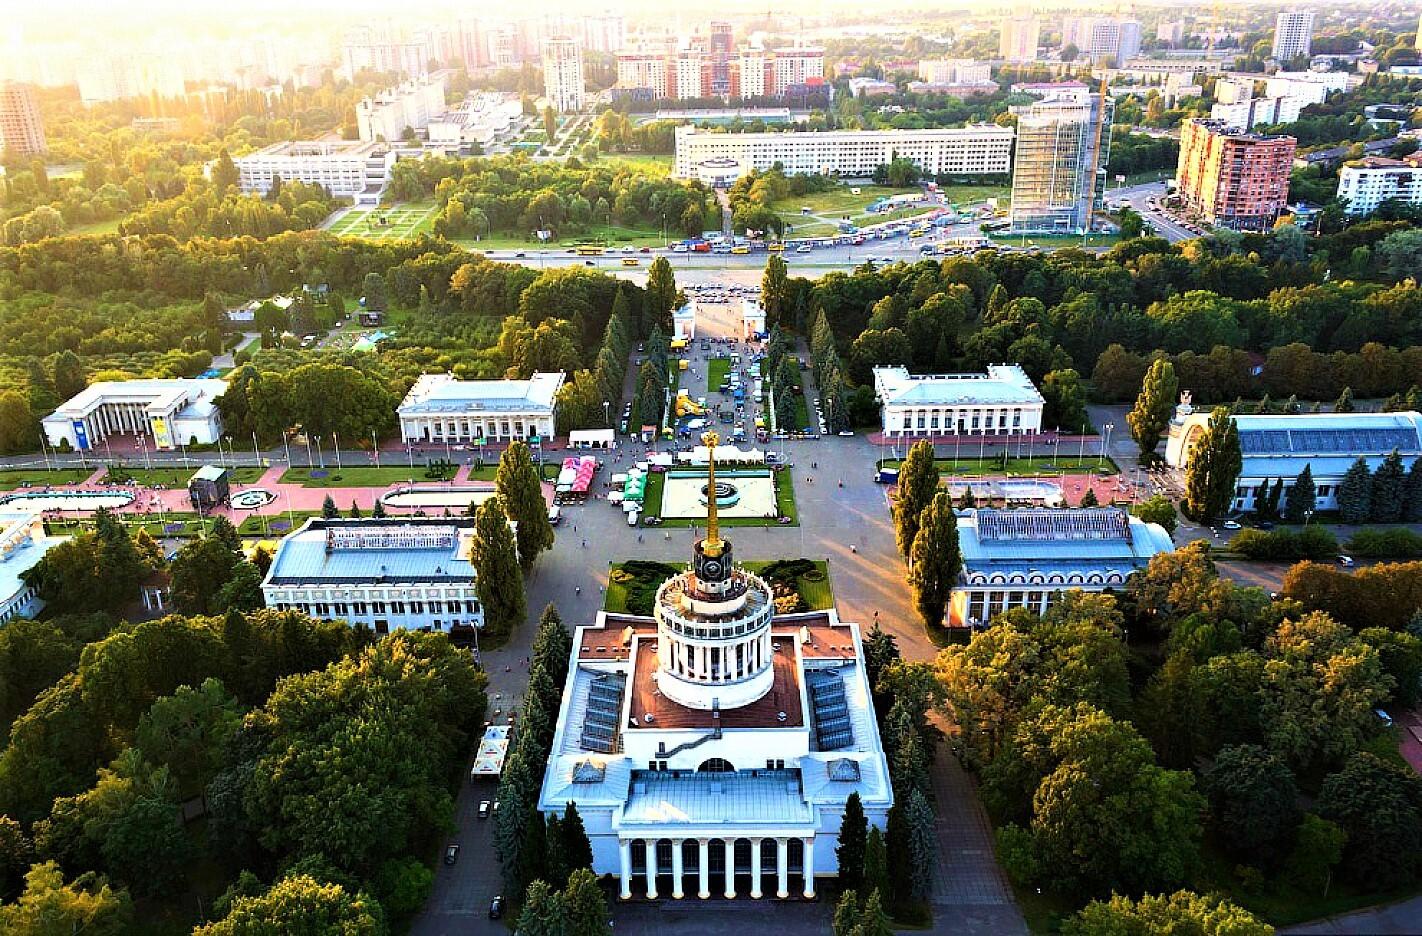 Київ увійшов до десятки найкрасивіших міст світу: вражаючі фото